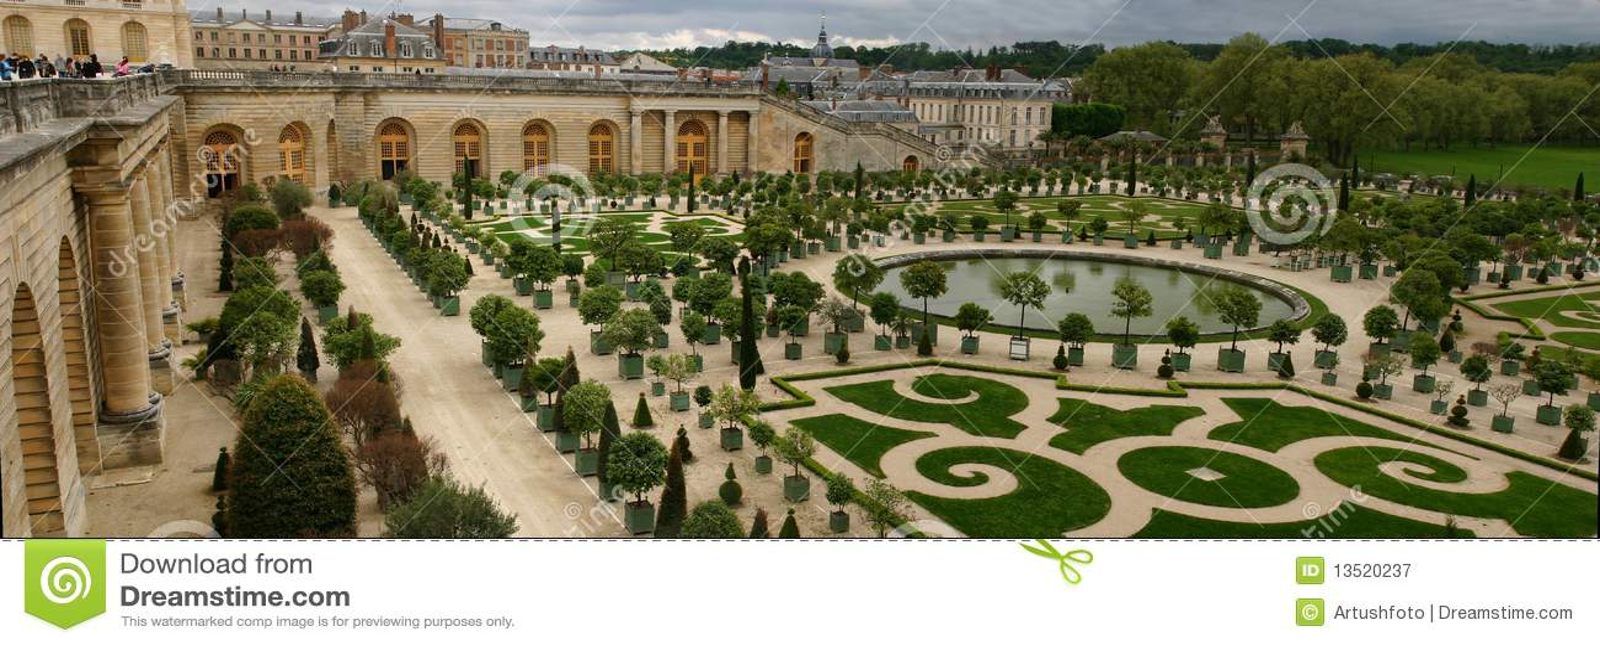 Panorama Van Versailles Oranje Tuin Stock Afbeelding Afbeelding